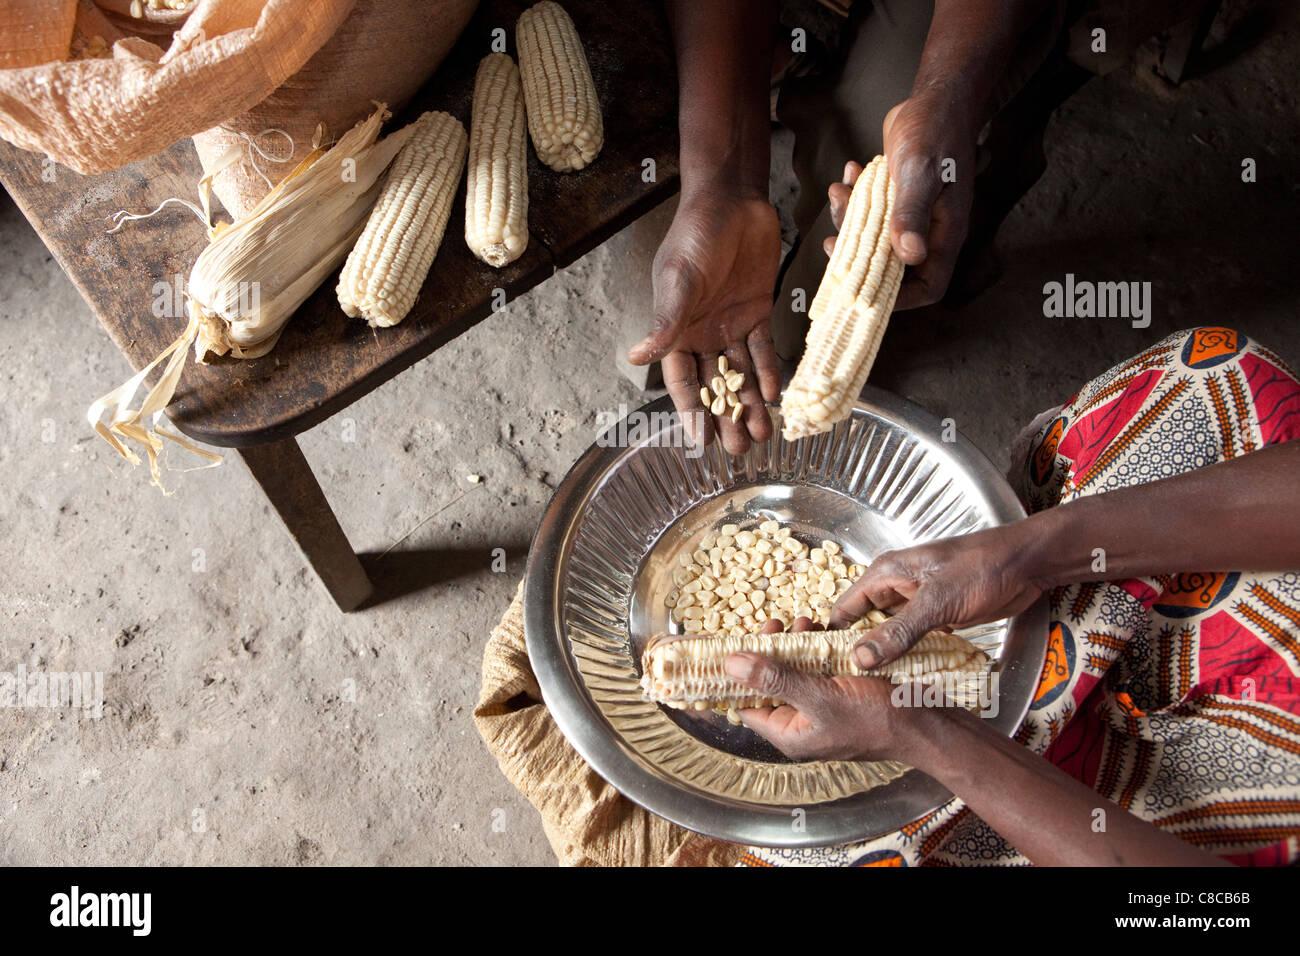 Un par quita los granos de maíz de la Cobb de Mongu, Zambia, África del Sur. Imagen De Stock